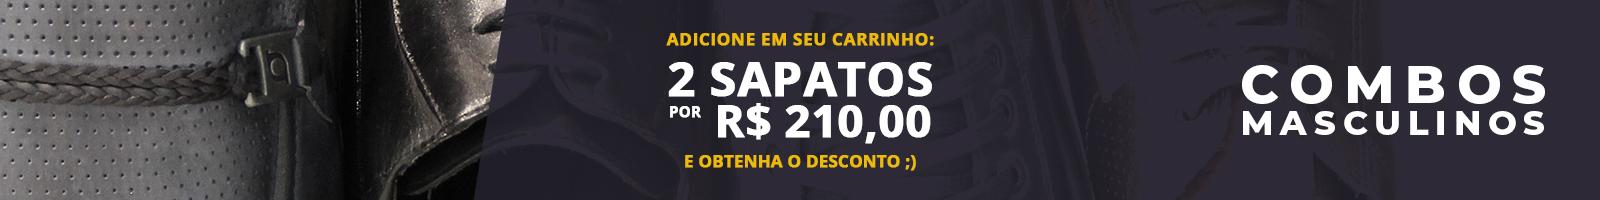 Banner - Topo - Categoria - Combos - Sapatos